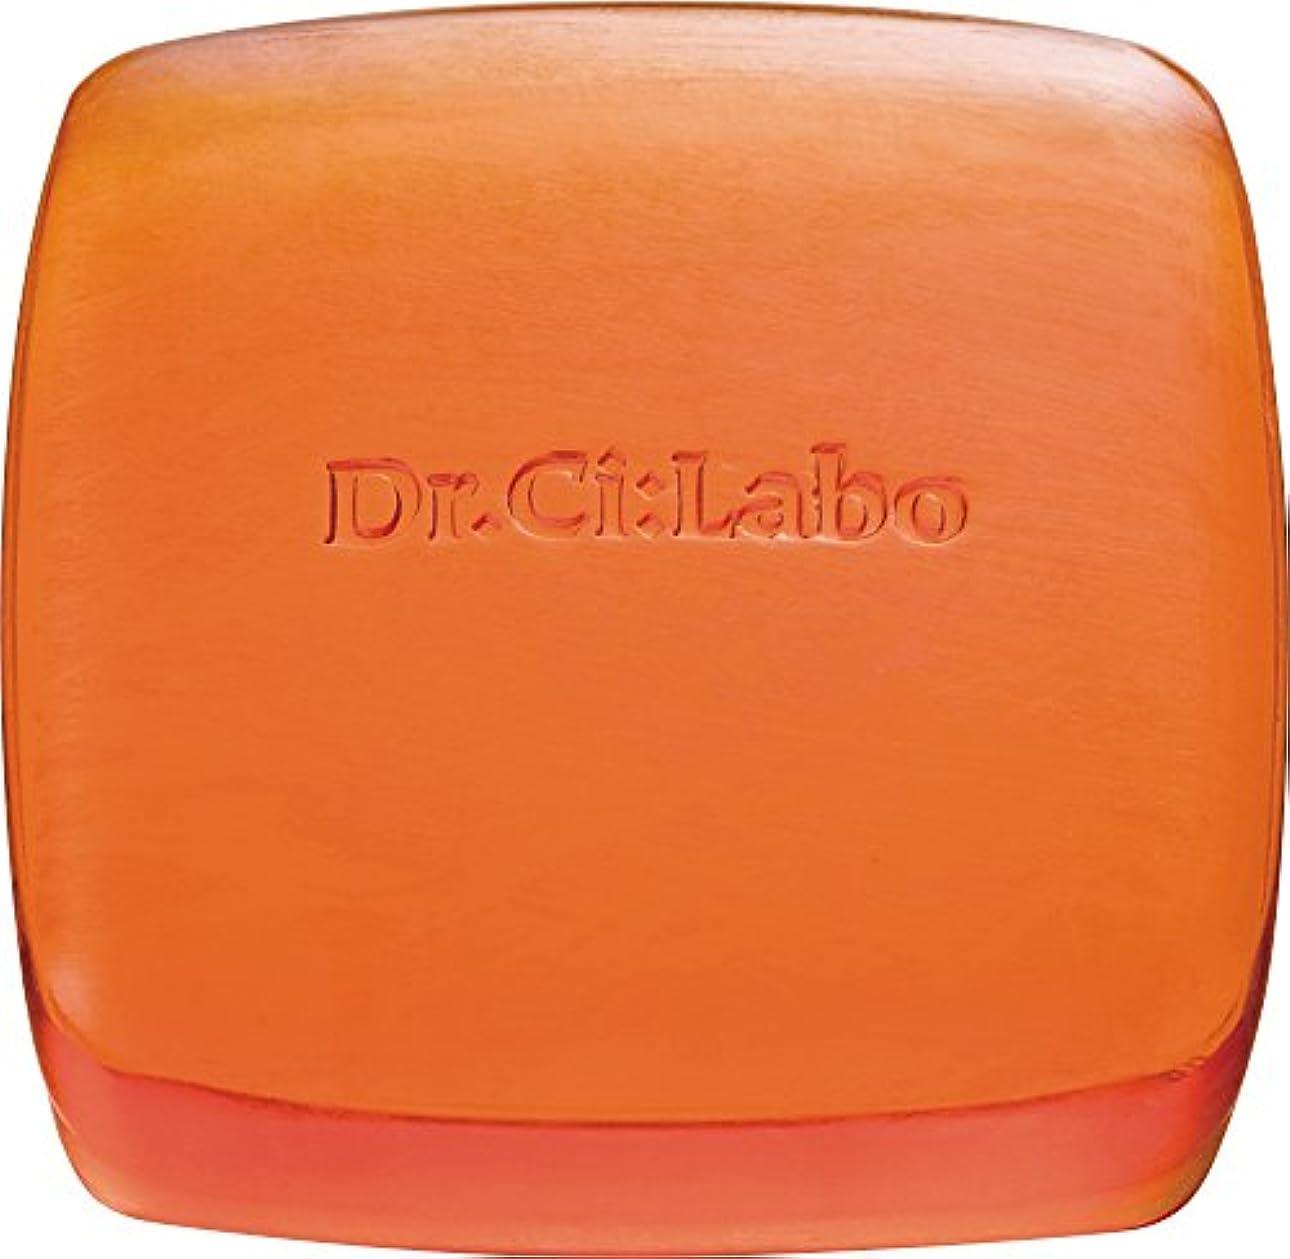 青改善するリーガンドクターシーラボ VC100ピーリングソープ 100g 洗顔石鹸